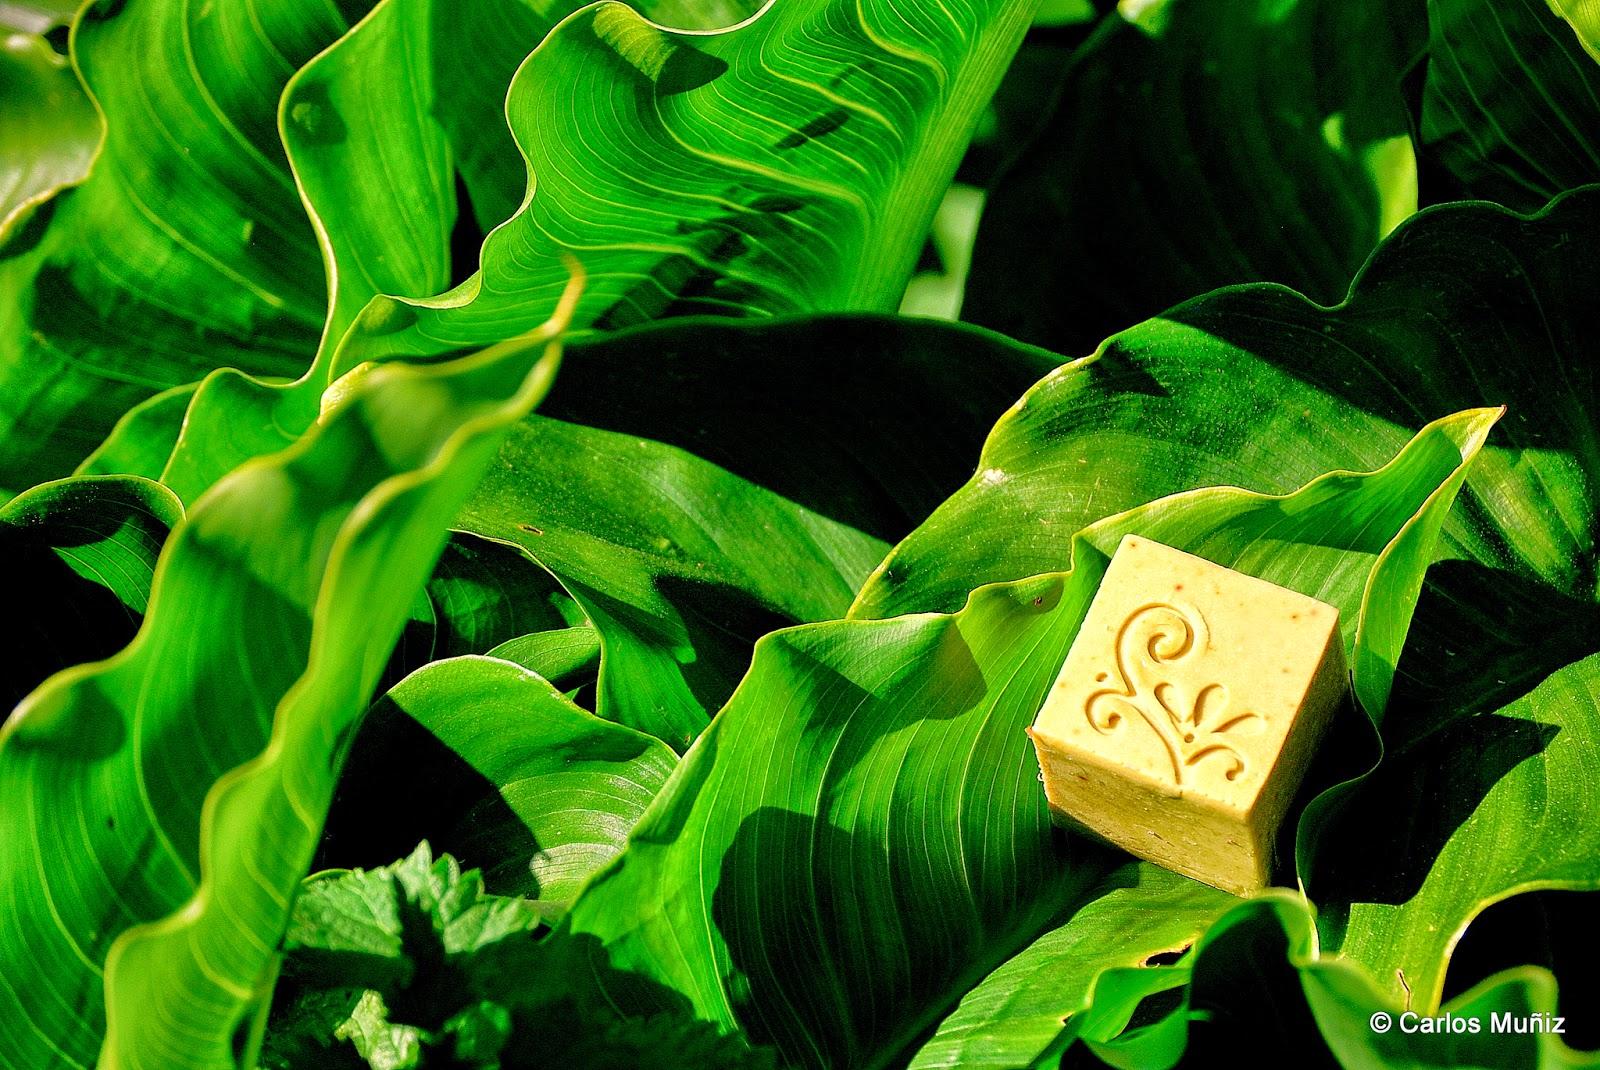 jabón de Alepo, jabón de laurel, jabón artesano, aceite de oliva, manteca de laurel